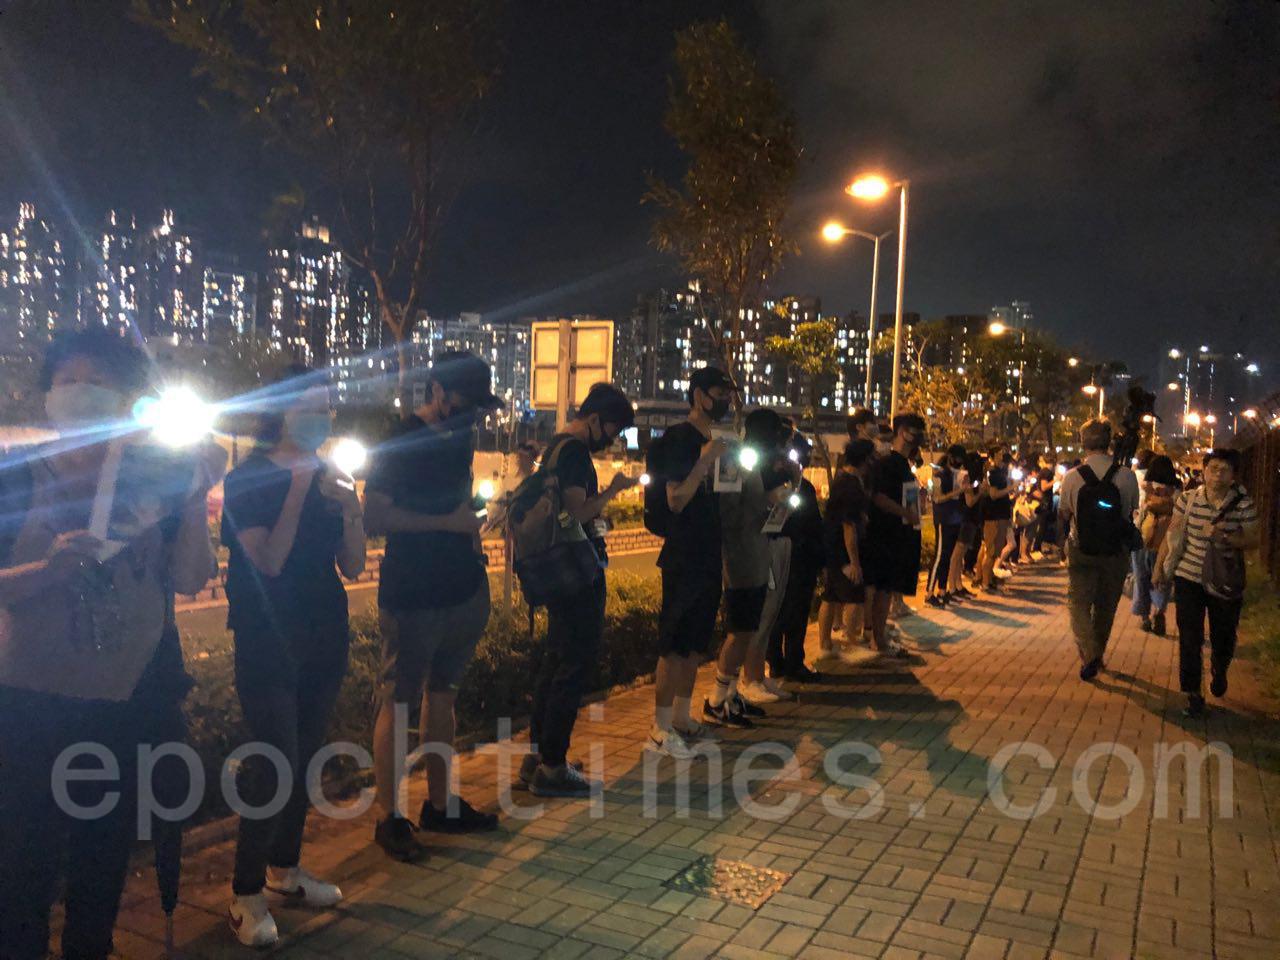 25日有網民發起晚上前往將軍澳舉行「陳彥霖走過最後的路」人鏈活動。(葉依帆/大紀元)